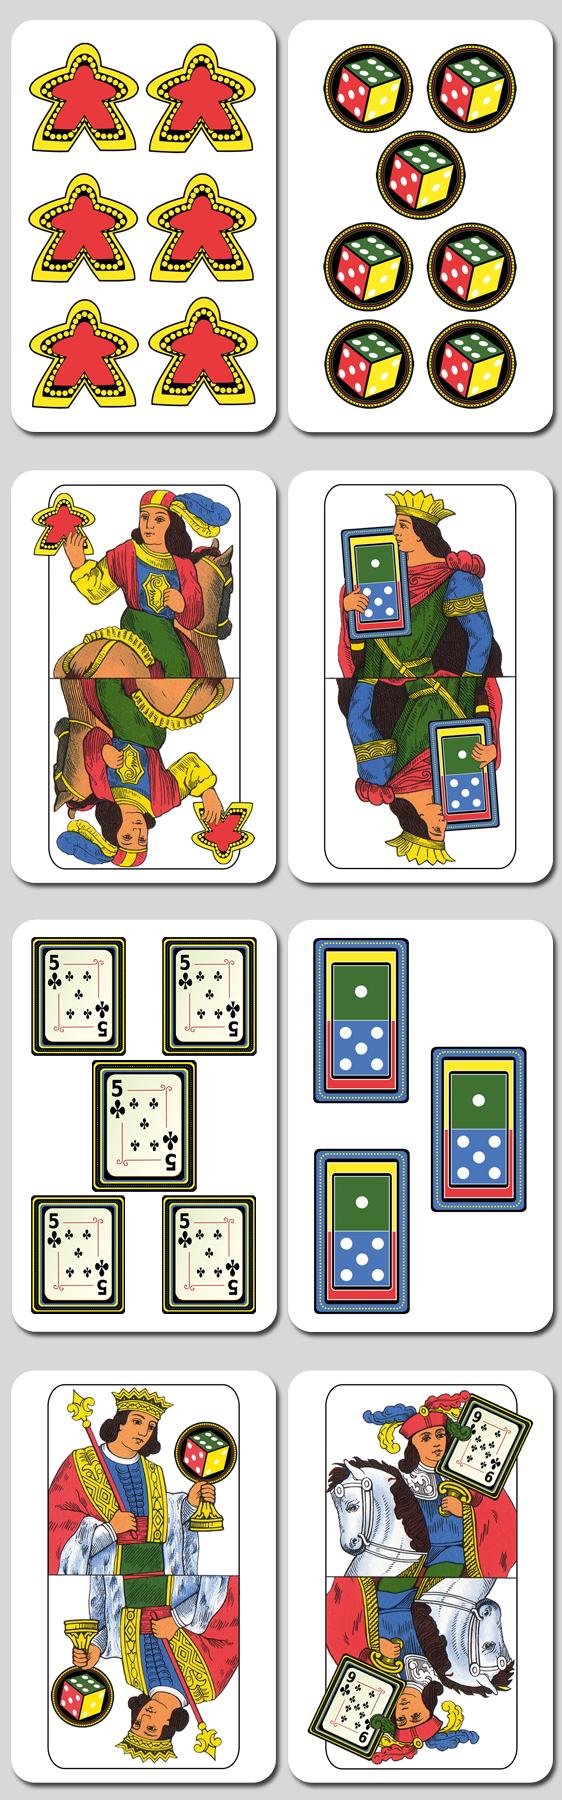 2p hetalia games